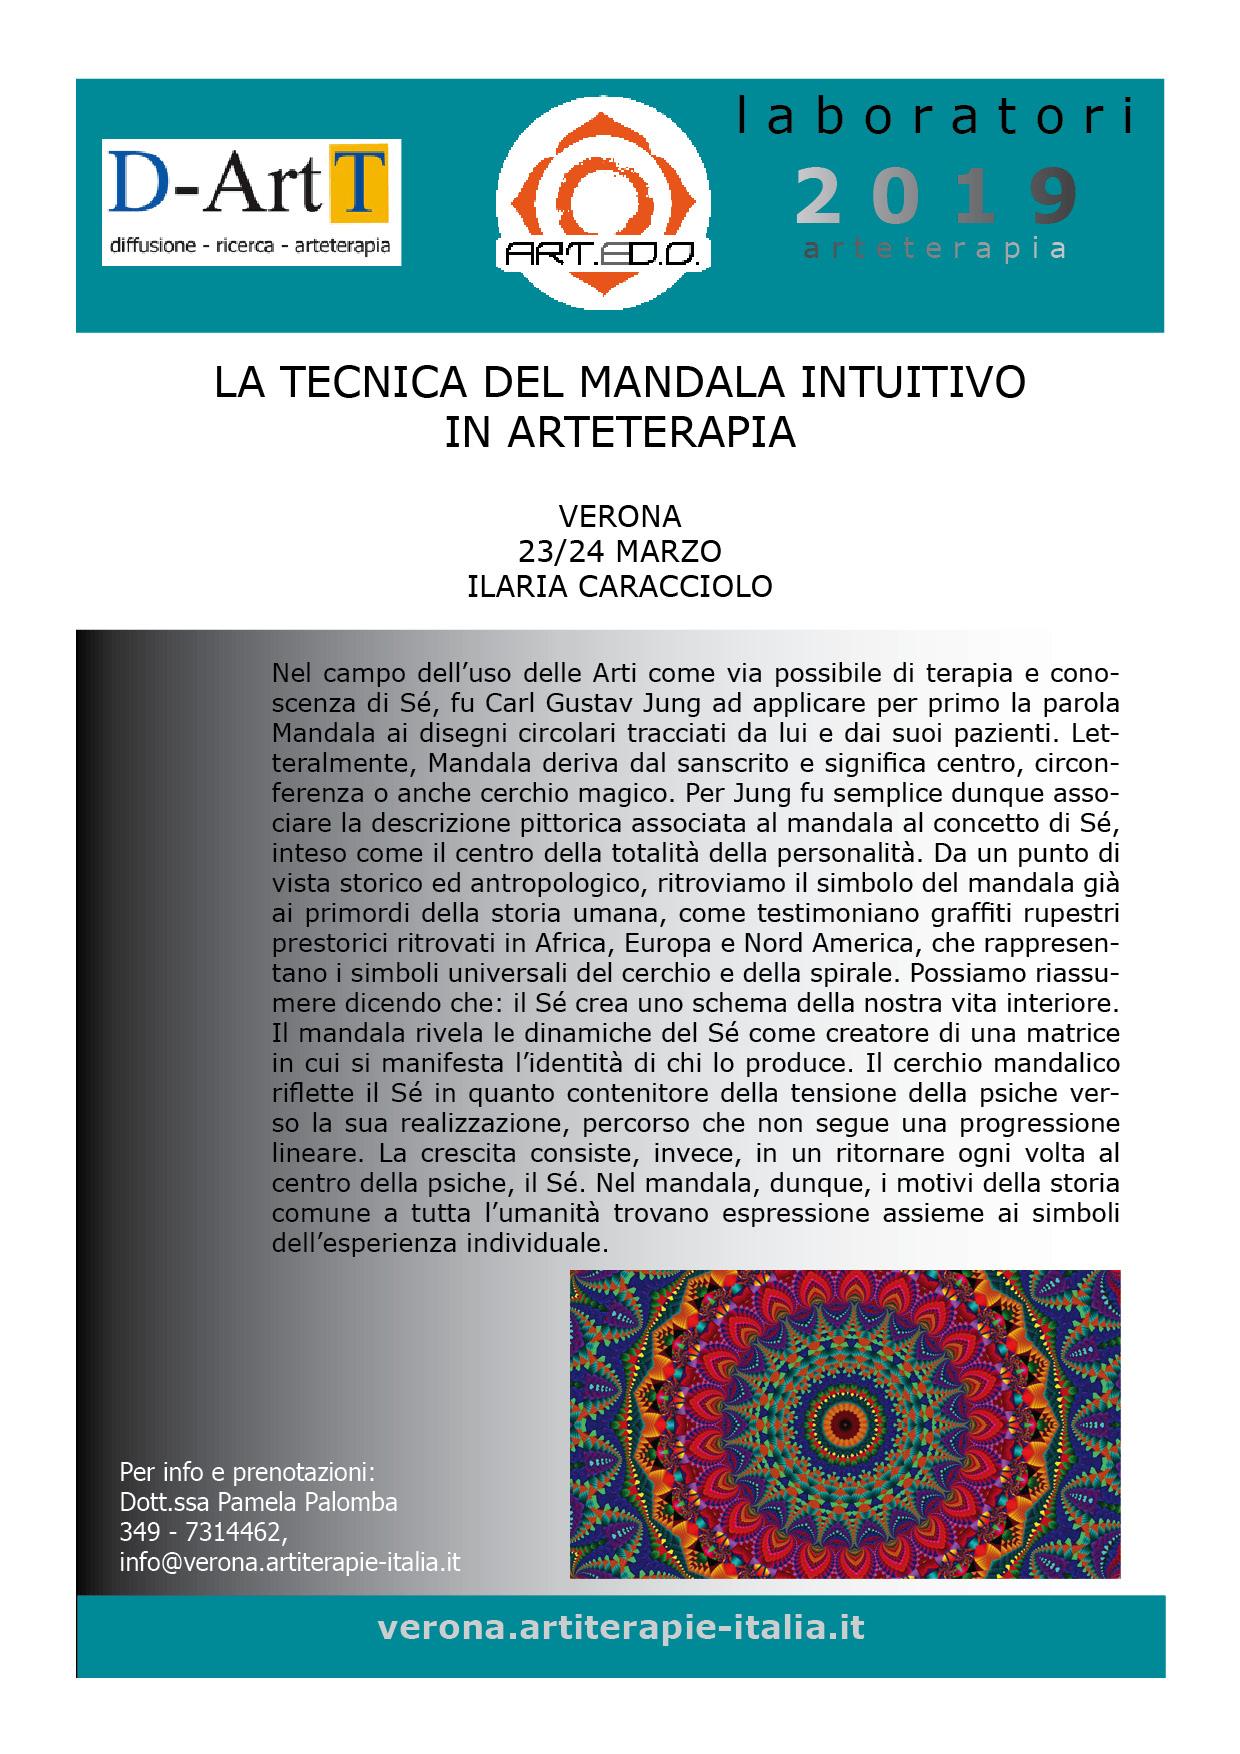 Calendario Didattico Univr Economia.Le News Di Mag Verona N 207 Mag Verona